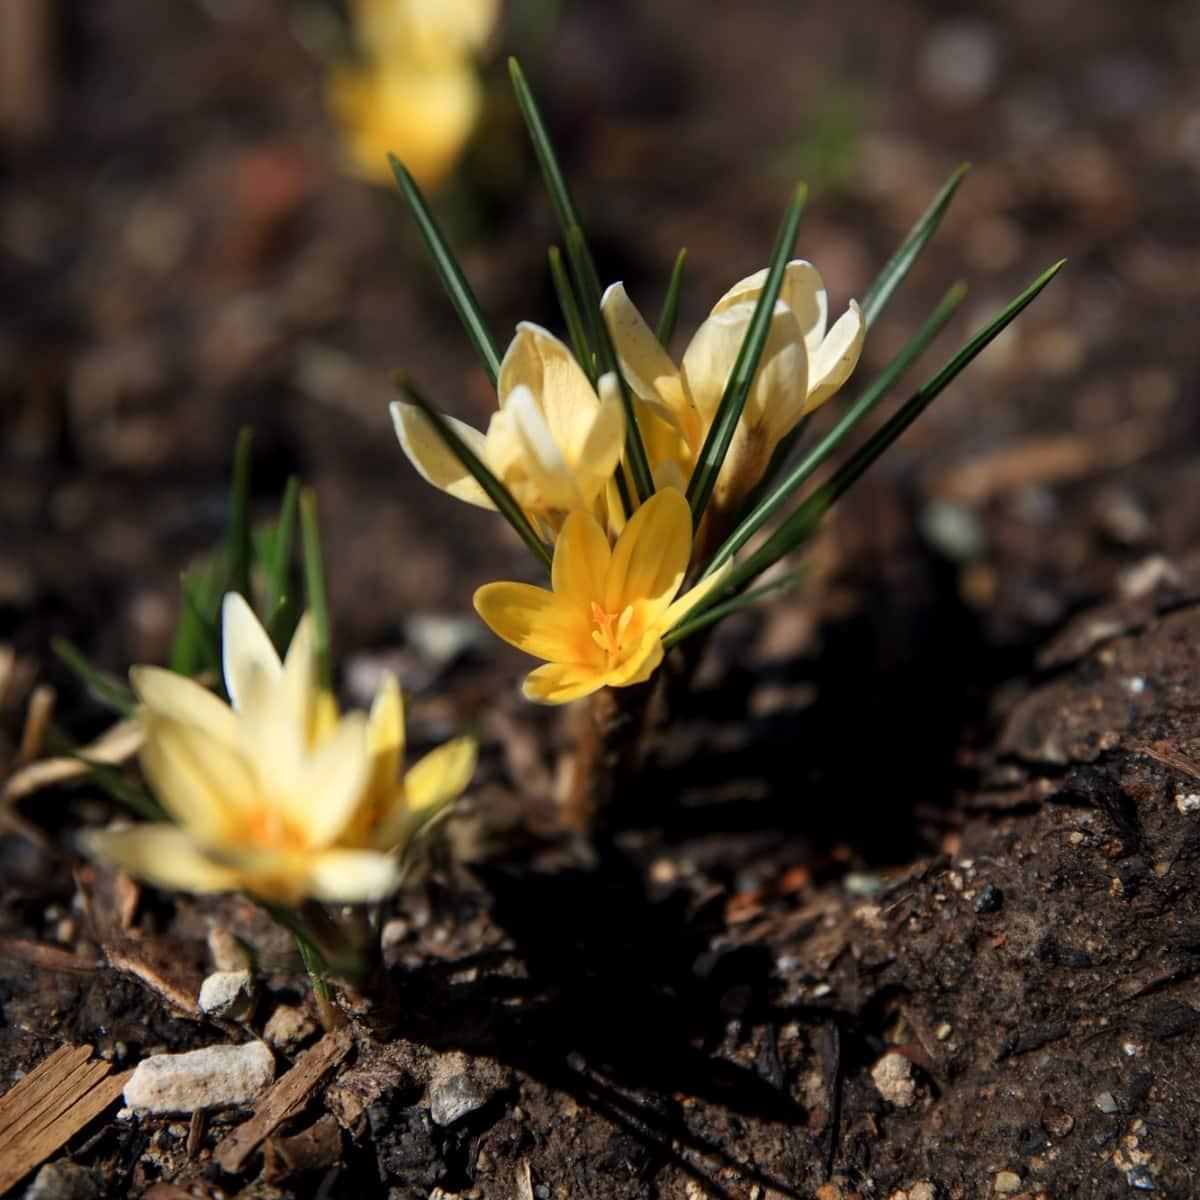 Prosper Where God Has Planted You!